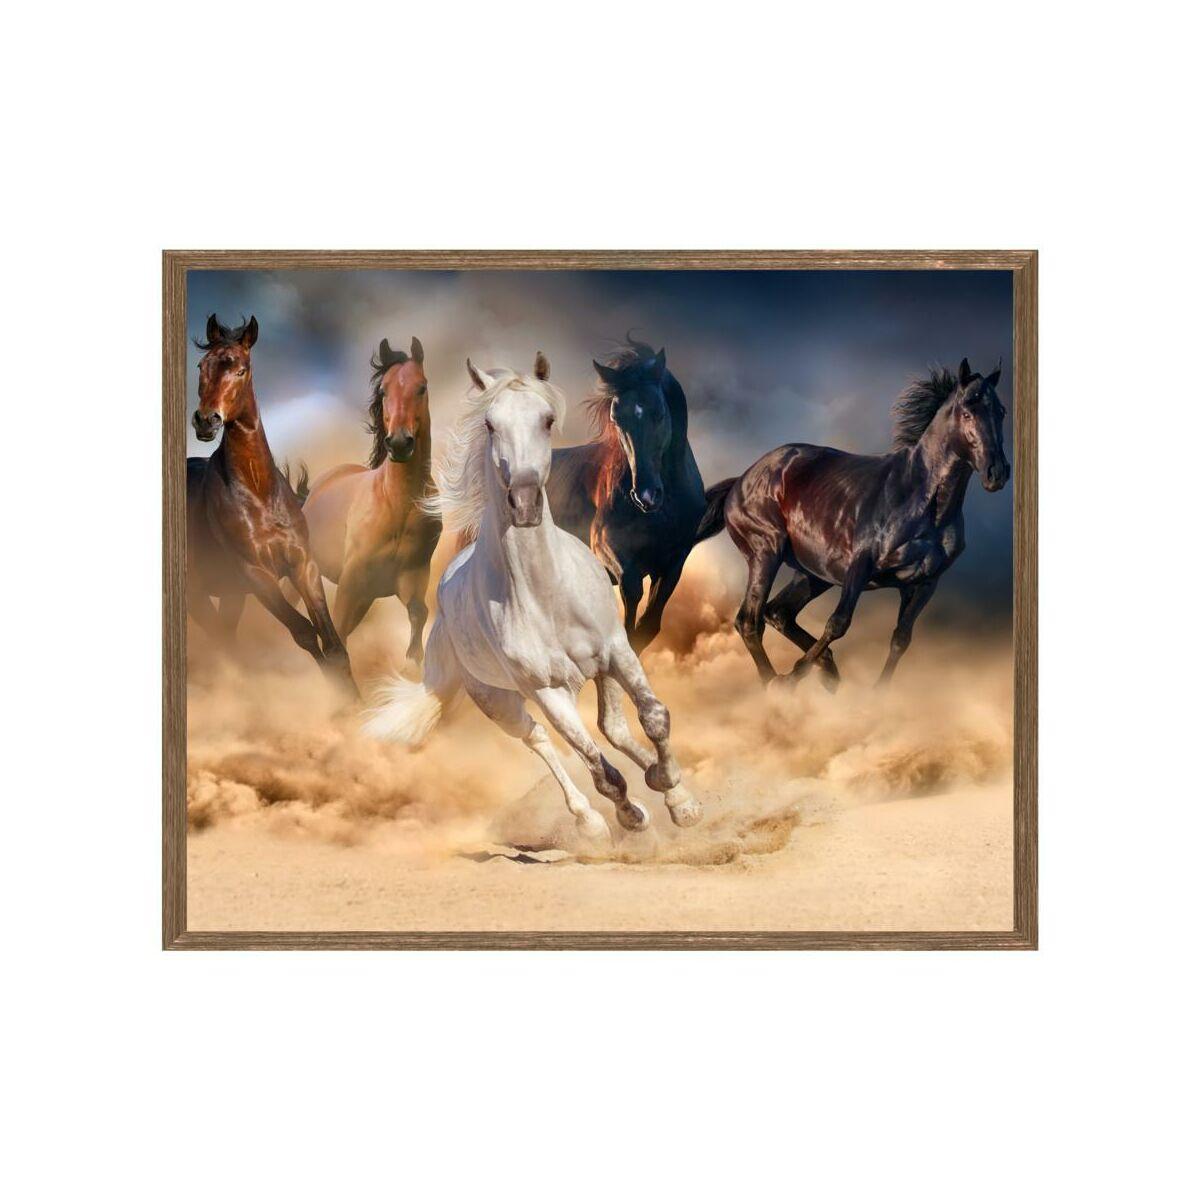 Obraz Konie 53 X 43 Cm Knor Obrazy Kanwy W Atrakcyjnej Cenie W